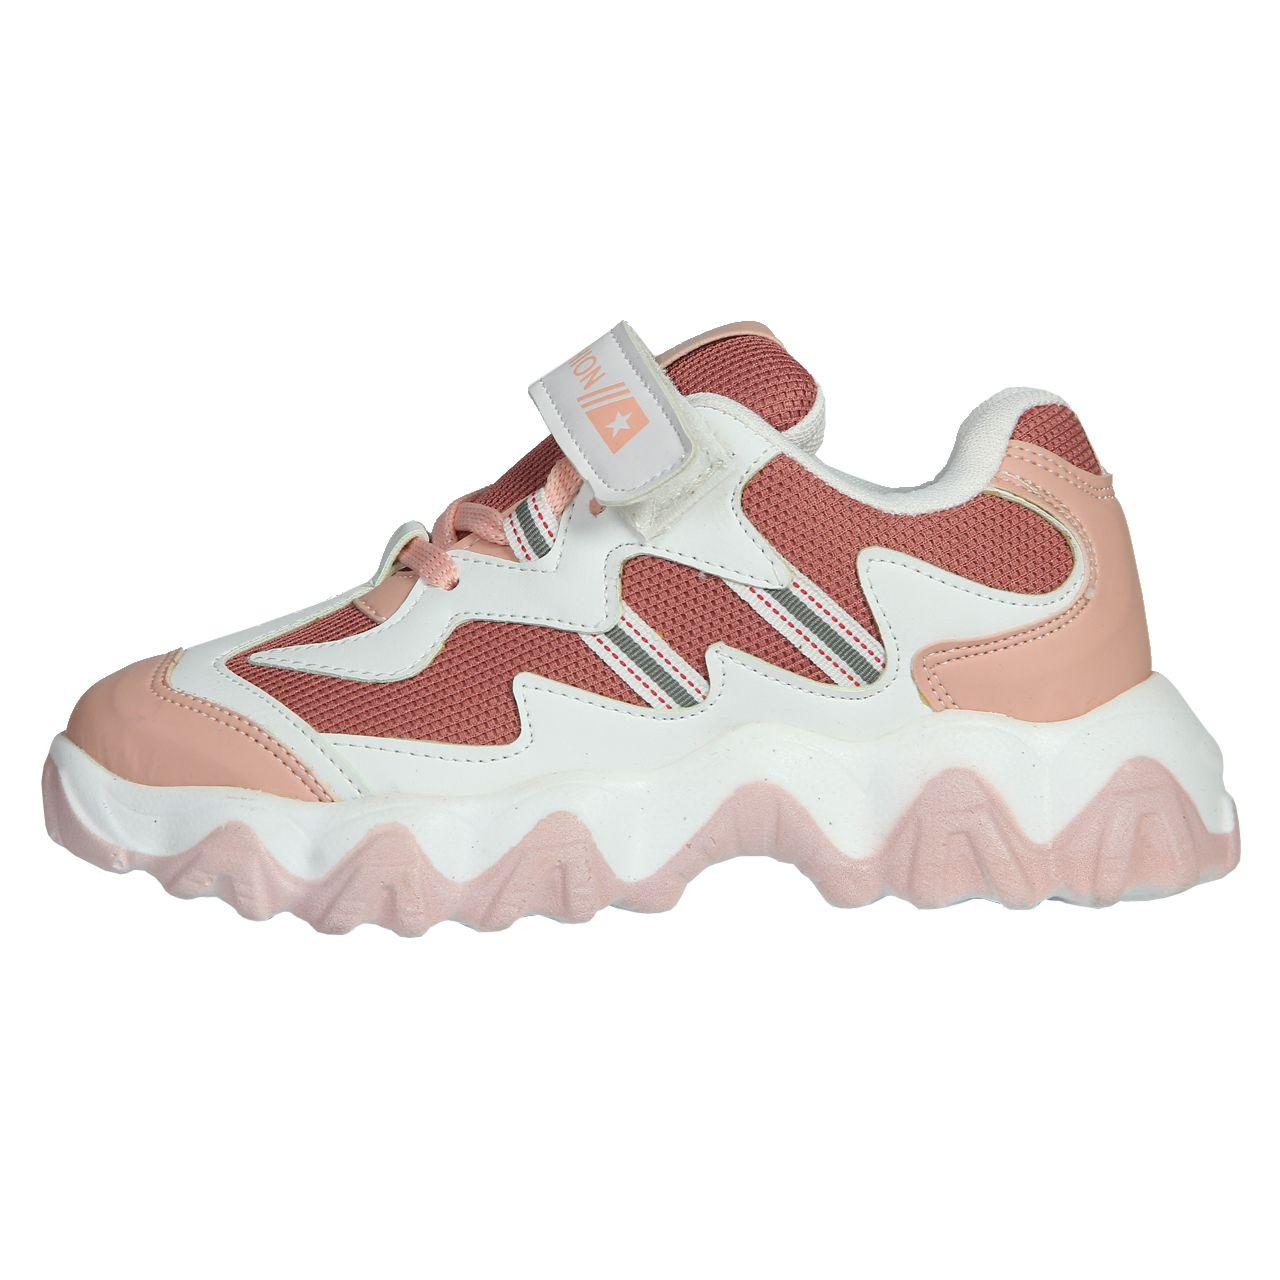 کفش پیاده روی بچگانه کد 240 -  - 2